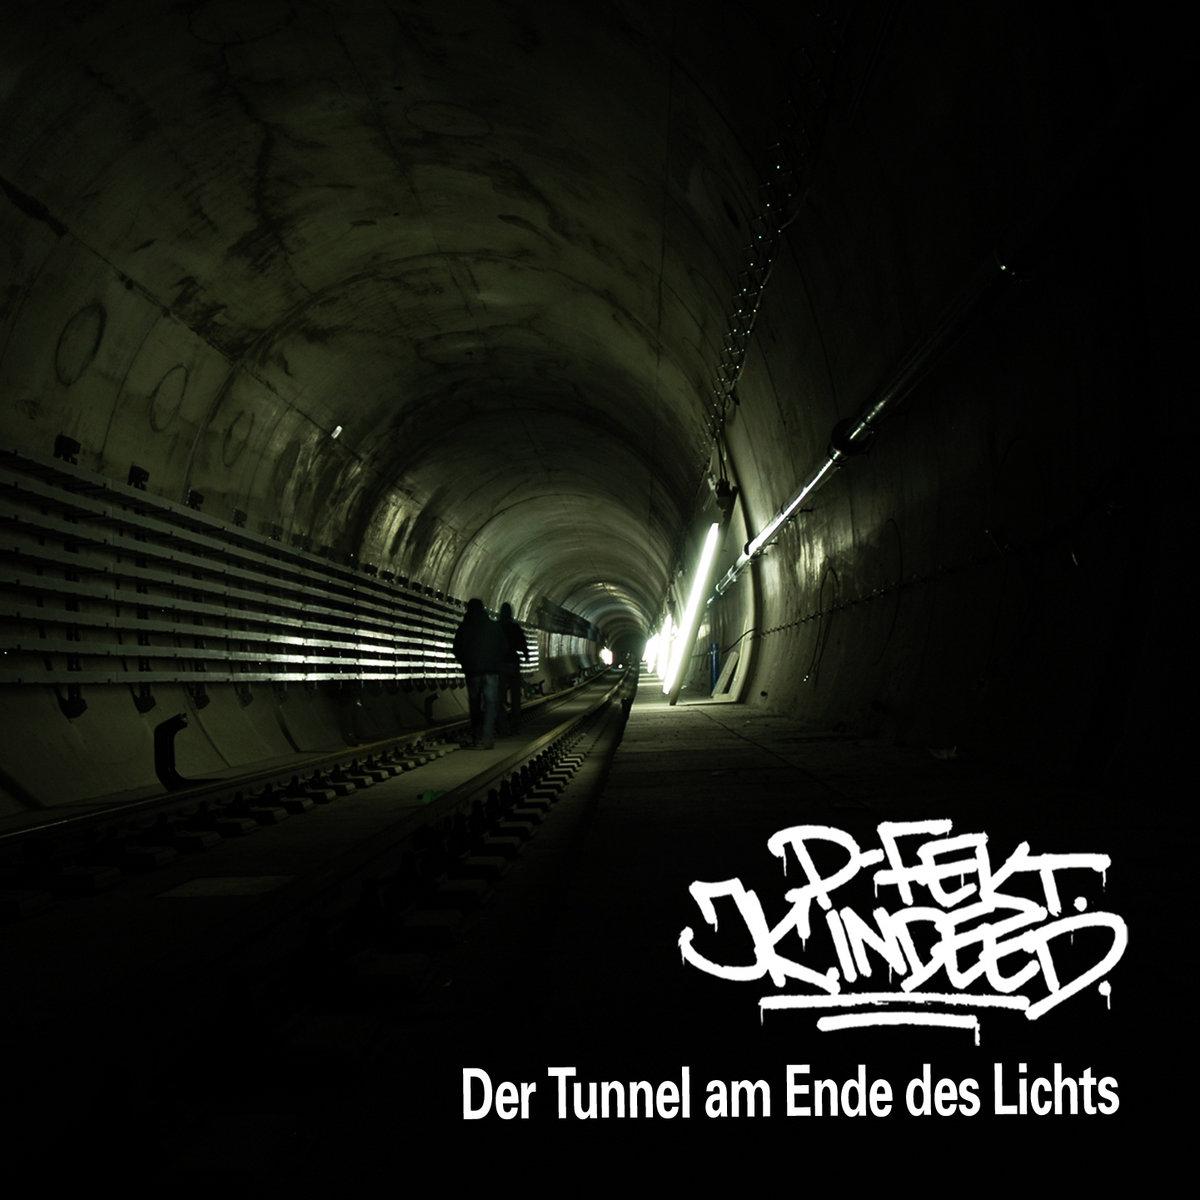 Der Tunnel am Ende des Lichts | Weltuntergäng